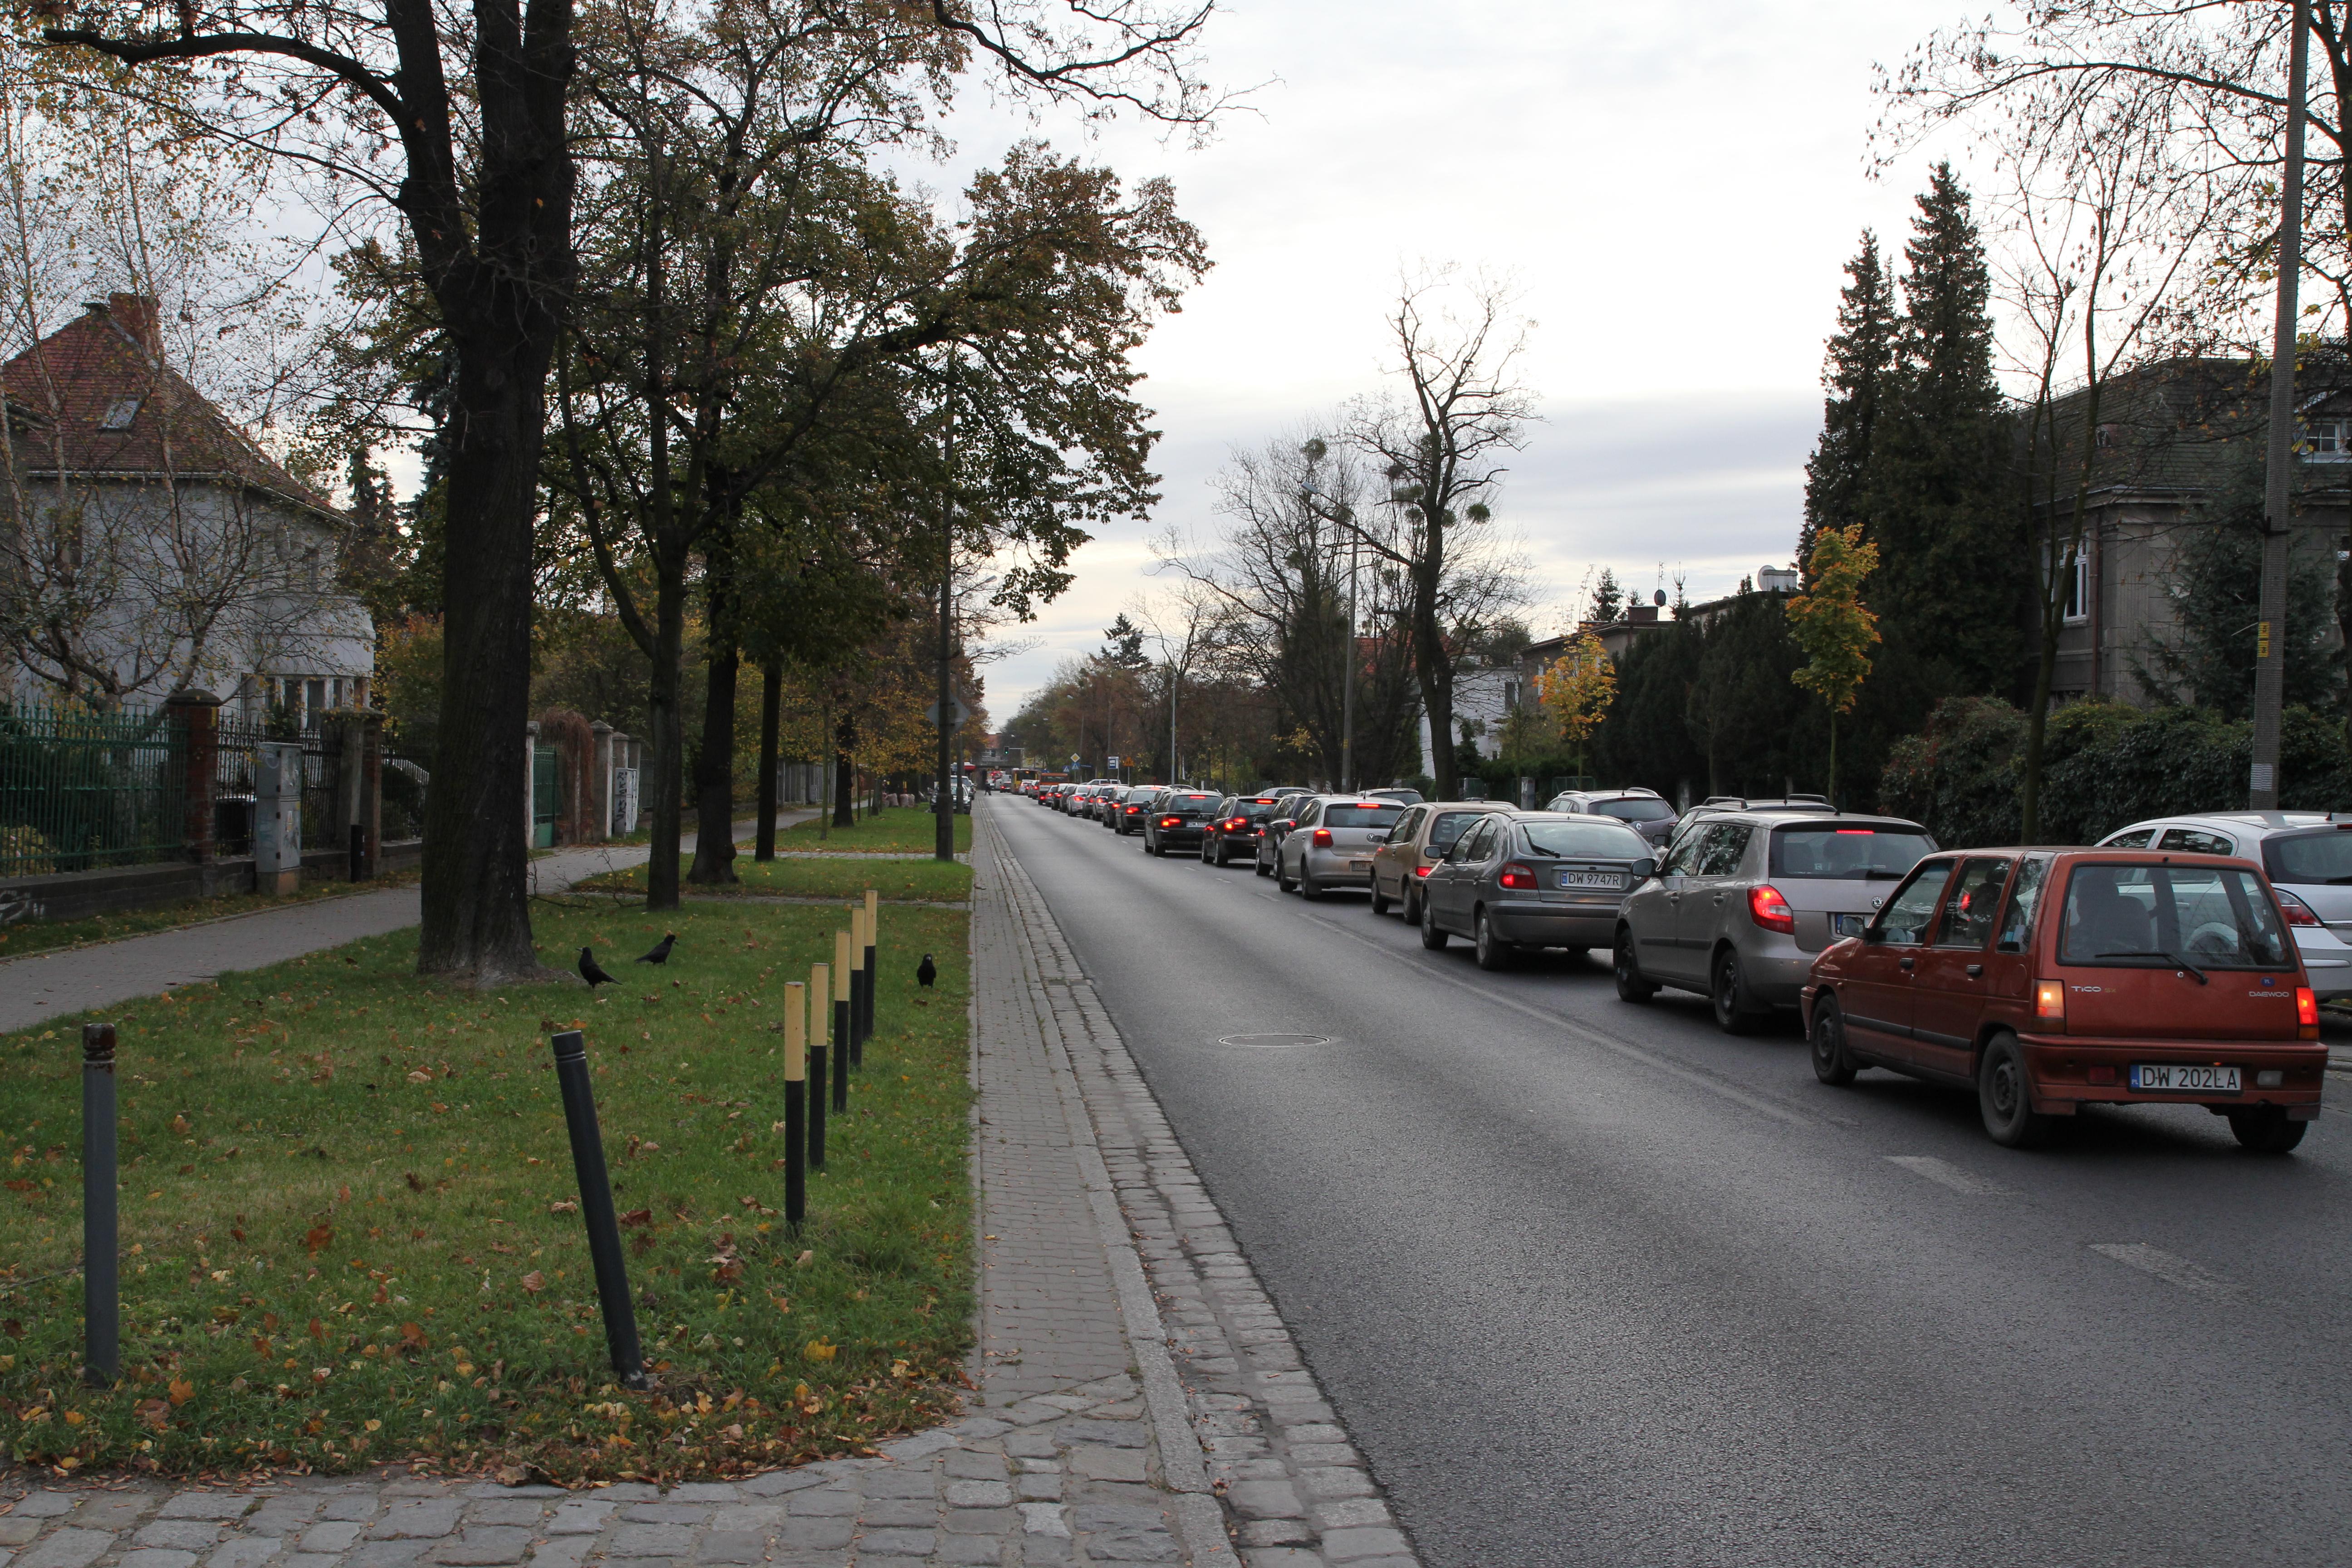 Ulica Boya-Żeleńskiego na Karłowicach we Wrocławiu